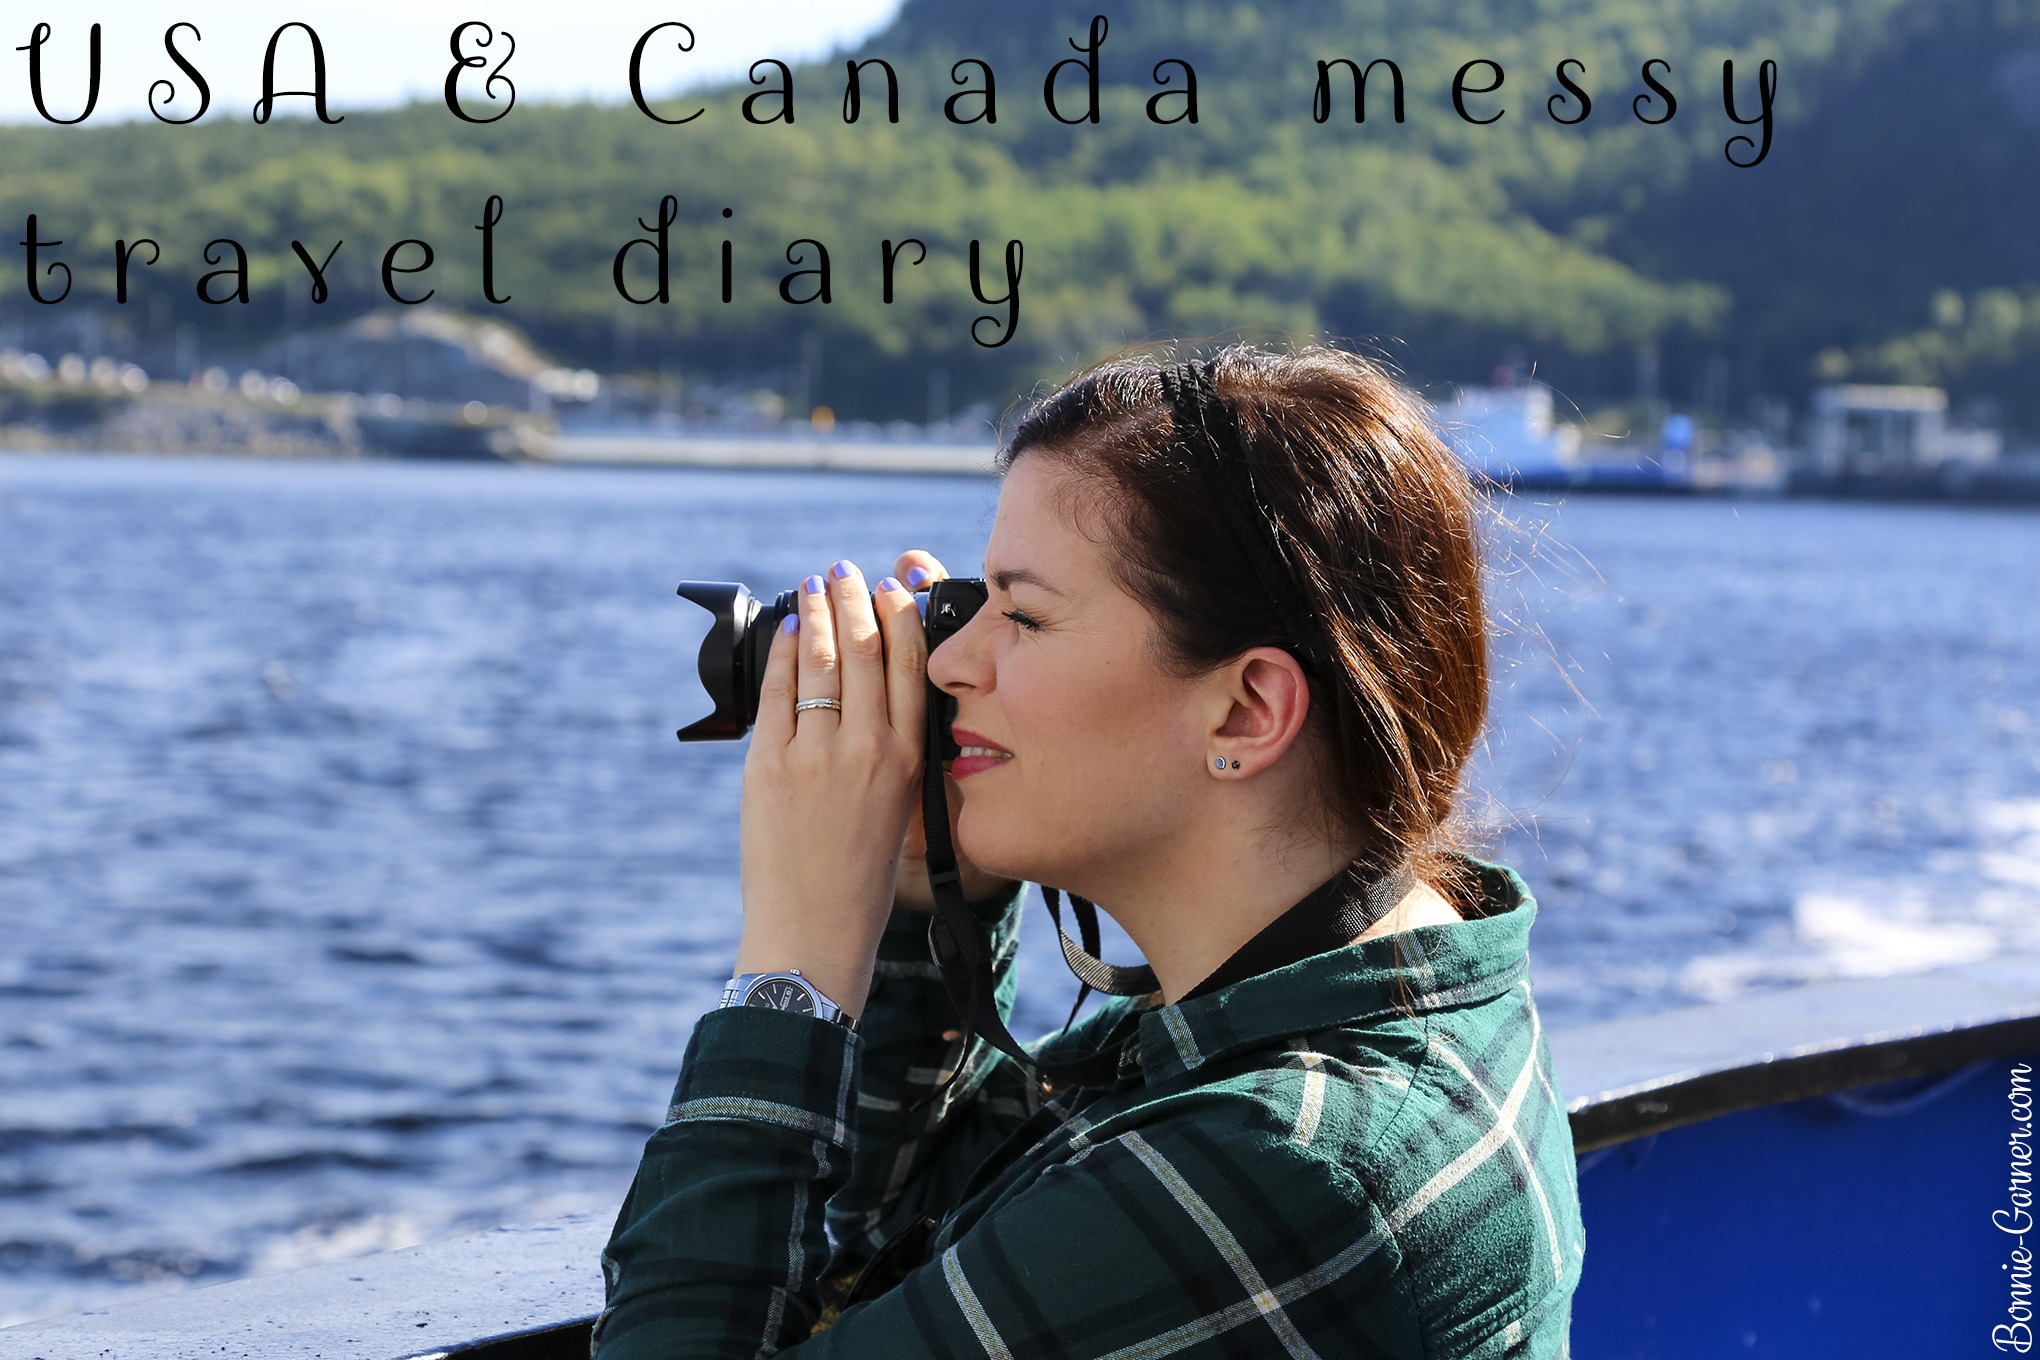 USA & Canada messy travel diary